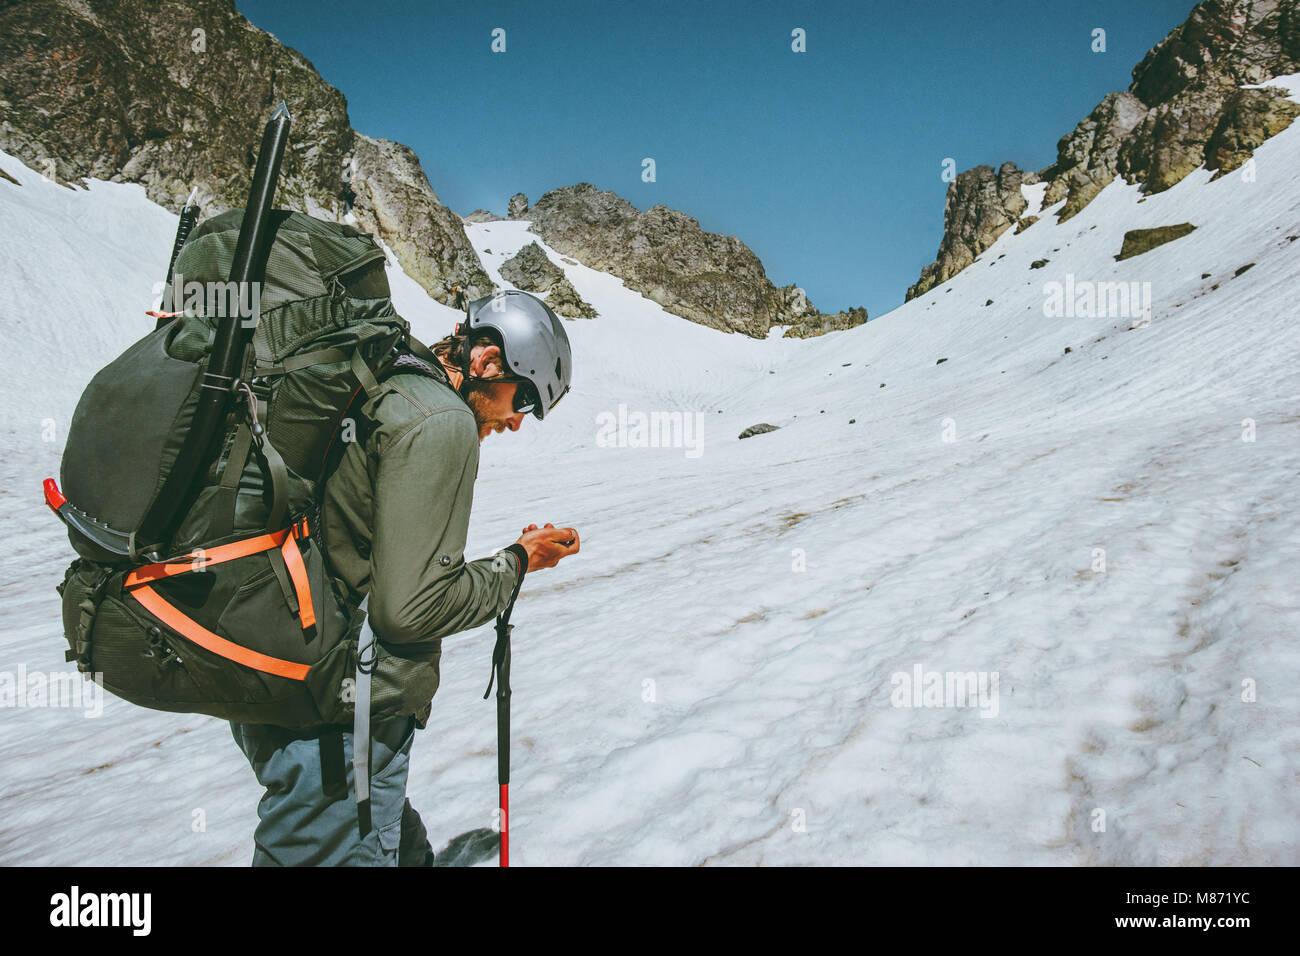 L'homme avec l'aventurier tracker gps navigator contrôler les coordonnées d'emplacement dans les montagnes d'escalade Banque D'Images